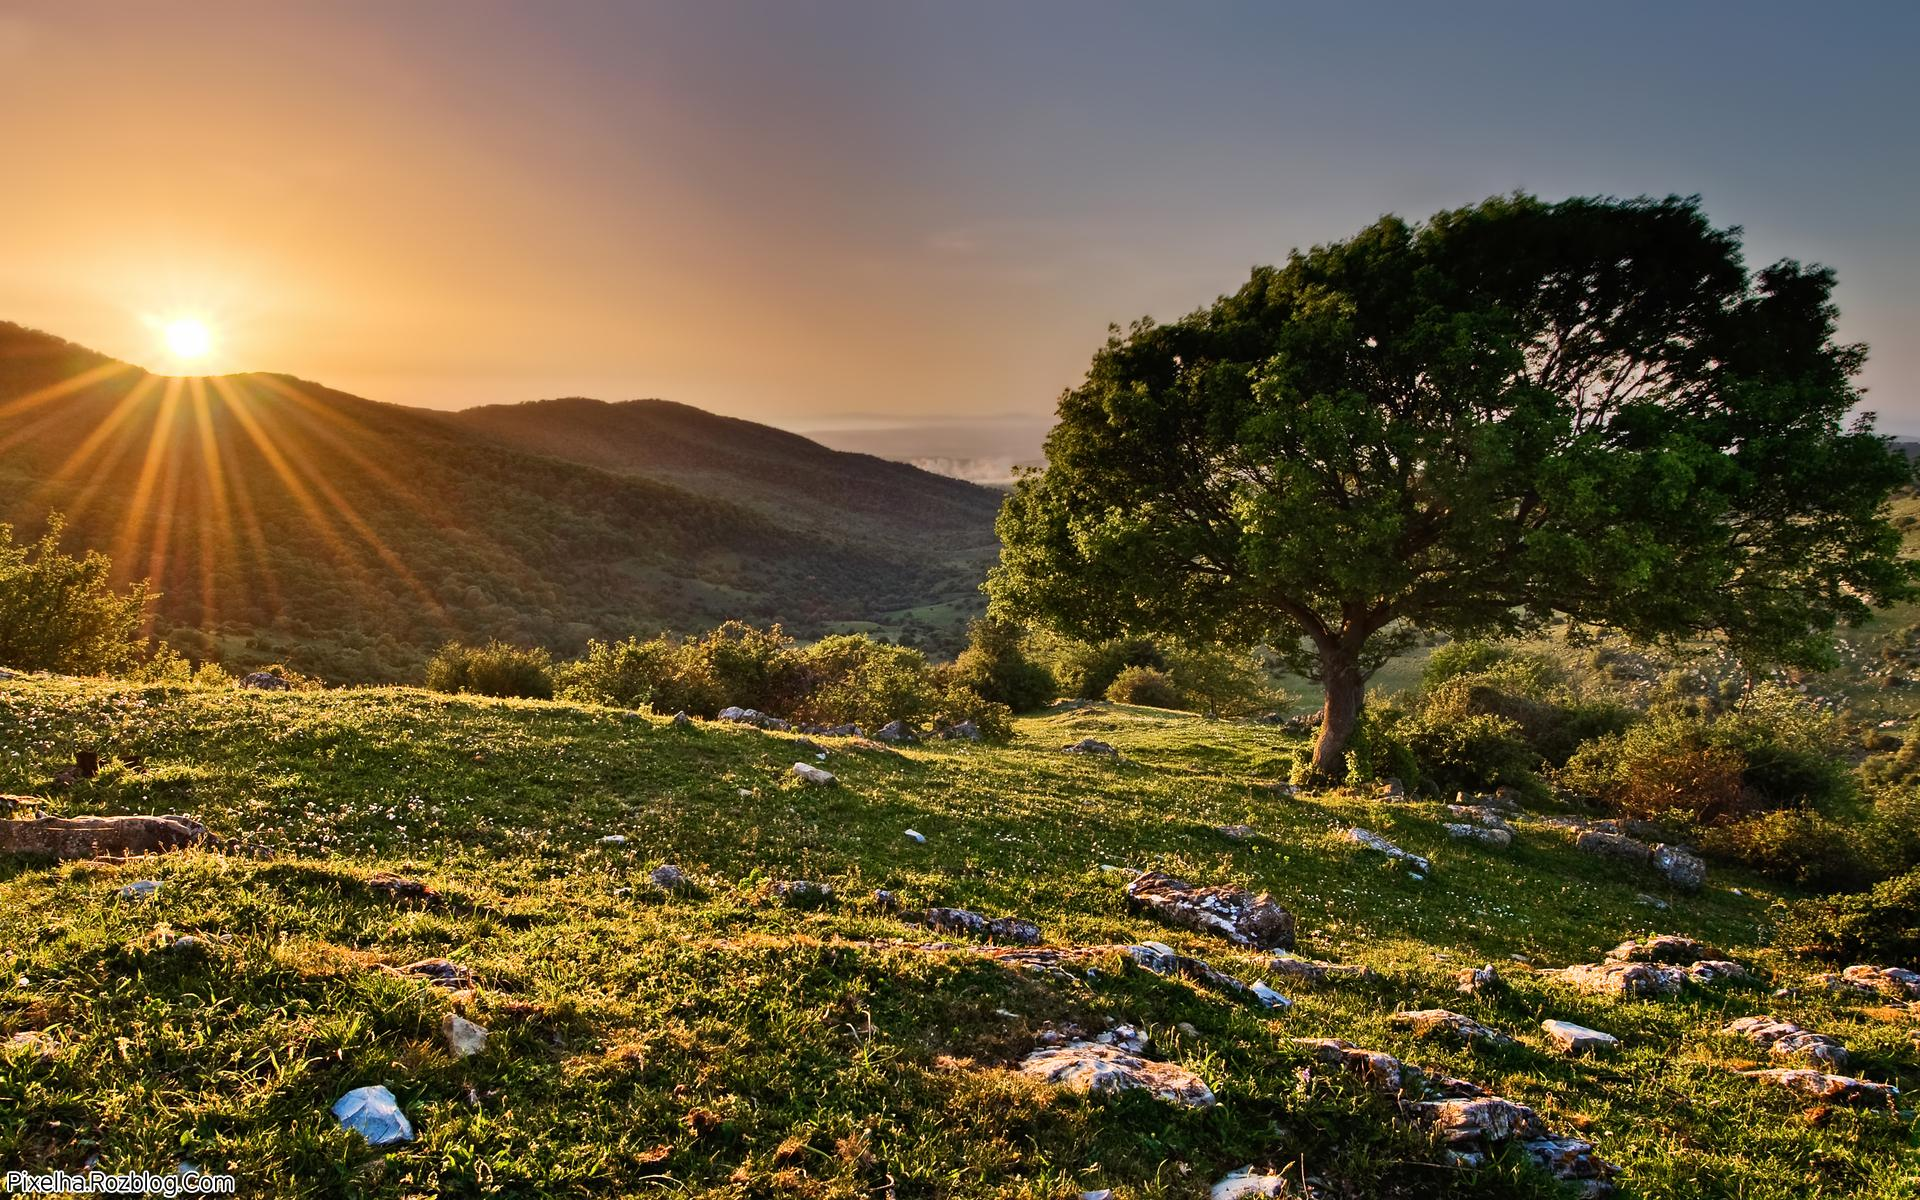 غروب خورشید در کوه